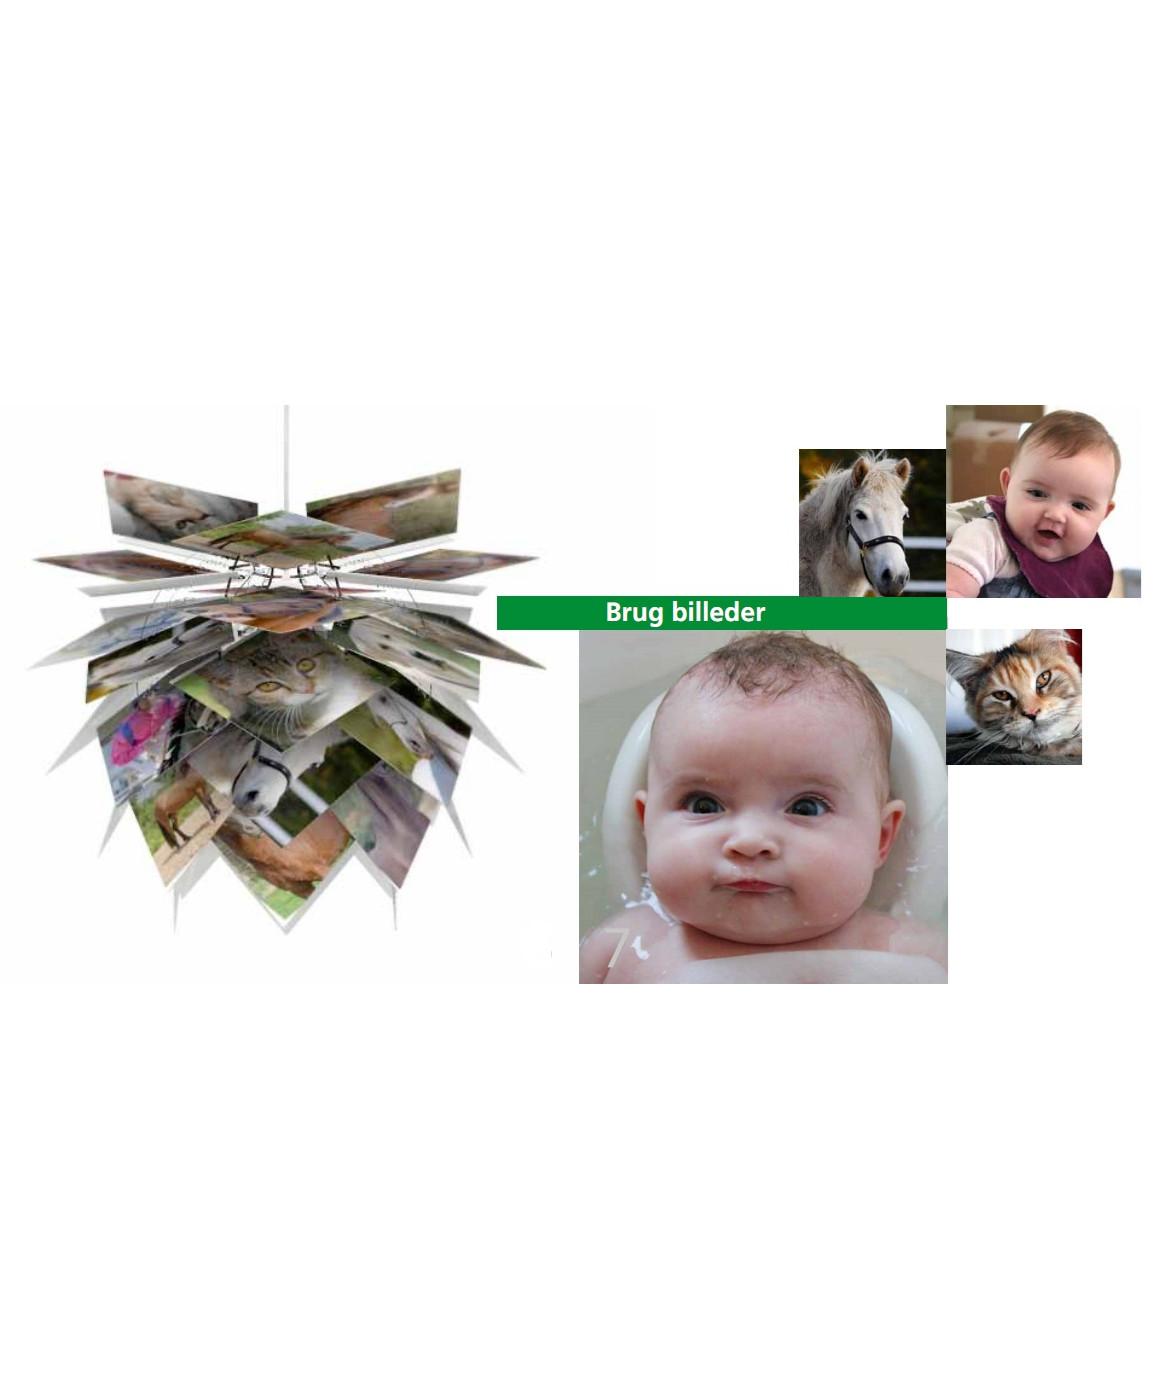 DesignFrank Kerdil for Dyberg Larsen  Koncept Illumin pendel er bedst kan beskrives som børnelampen for livet. En pendel som du og dit barn selv kan ændre på gennem hele opvæksten - fra barn til voksen.  Follow your Age børnelampen kan gøres personlig med alt fra egne tegninger til fotos, print, farvet karton, billeder af hobbies som dyr, biler, tegneserier, fanbilleder osv. Pendelen samles let på 11 min. og kan ændres efter behov, så den altid kan følge med tiden og samtidig giver den glæden ved at skabe noget selv og præge sin indretning. Her kan benyttes billeder, egne print, tegninger, tapet, farvet karton ja kun fantasien sætter grænser.  Ny spændende og fleksibel Pendel der også kan anvendes som gulvlampe eller til bordet. De overlappende skærme er med til at give et diffust og behageligt lys.